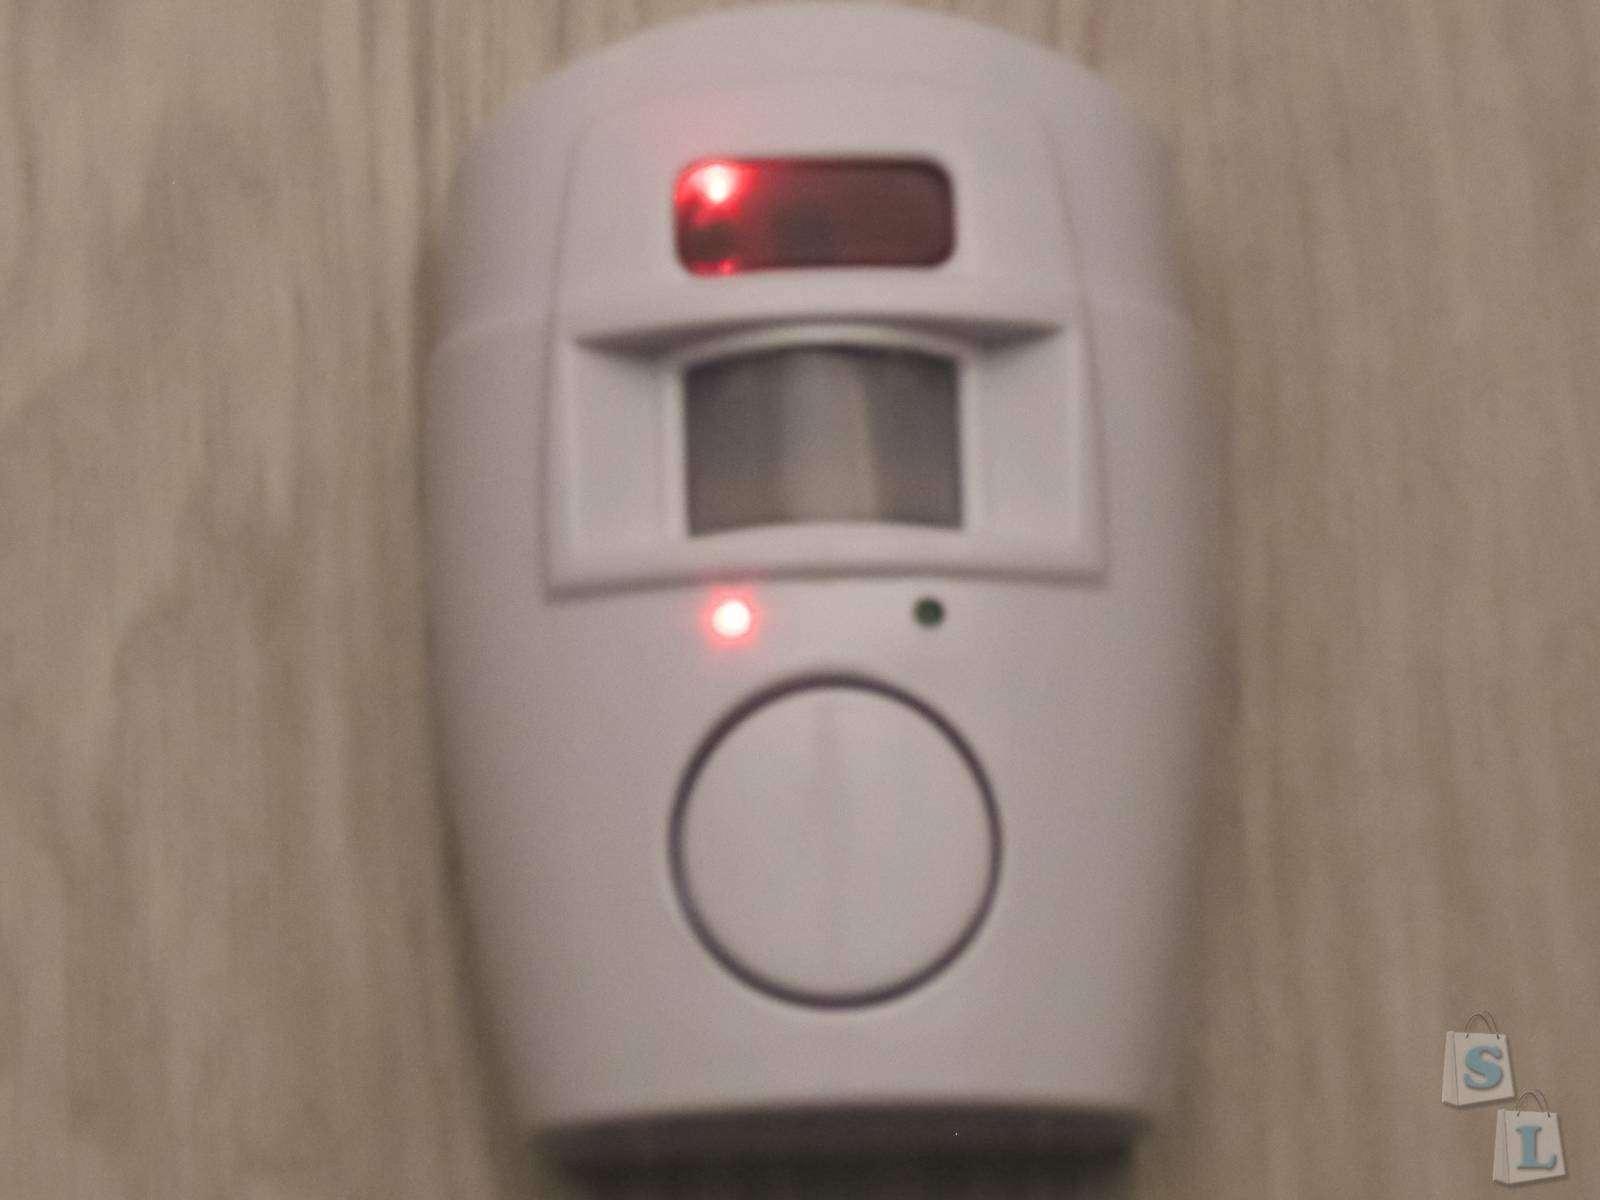 Banggood: Сигнализация с датчиком движения на пульте ДУ